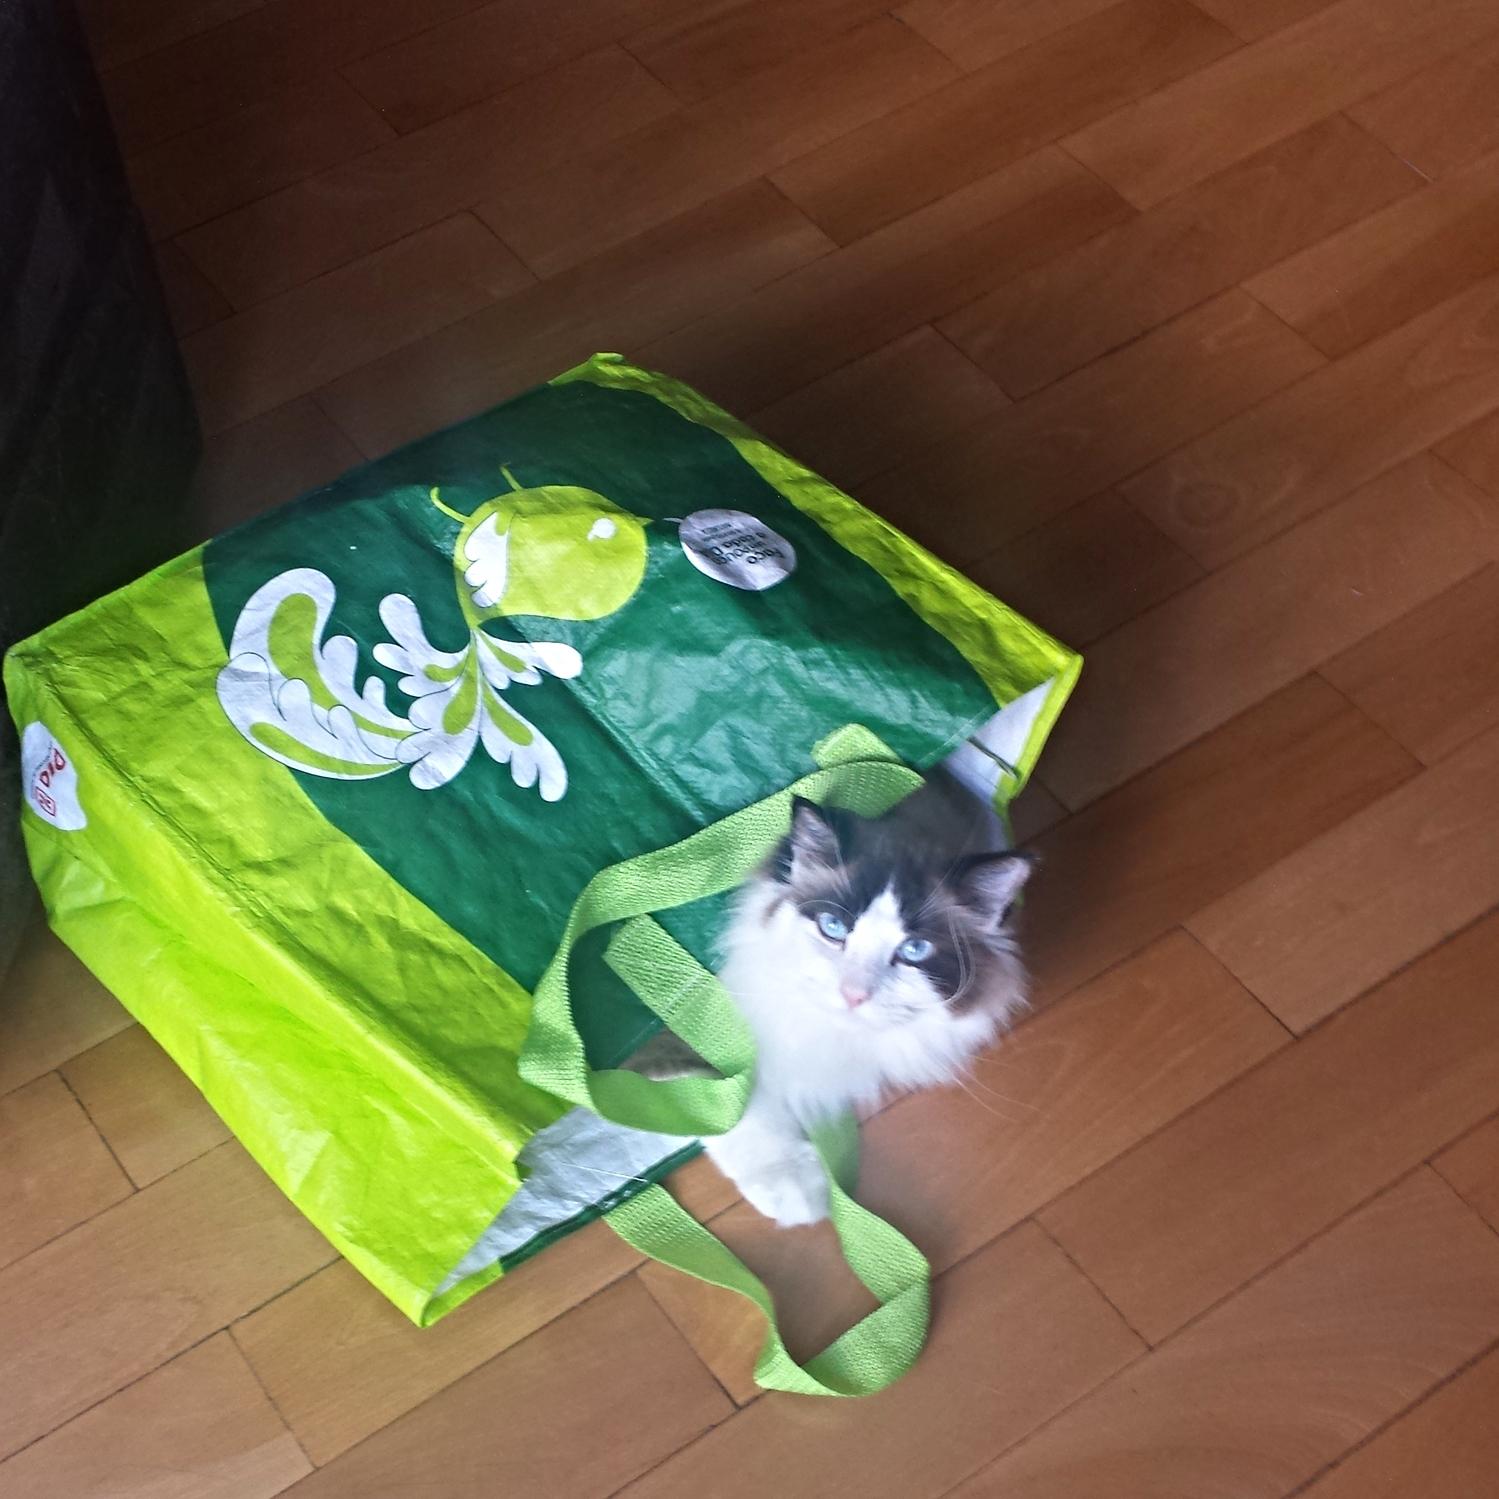 Link dentro da sacola que eu carreguei um saco de gelo!